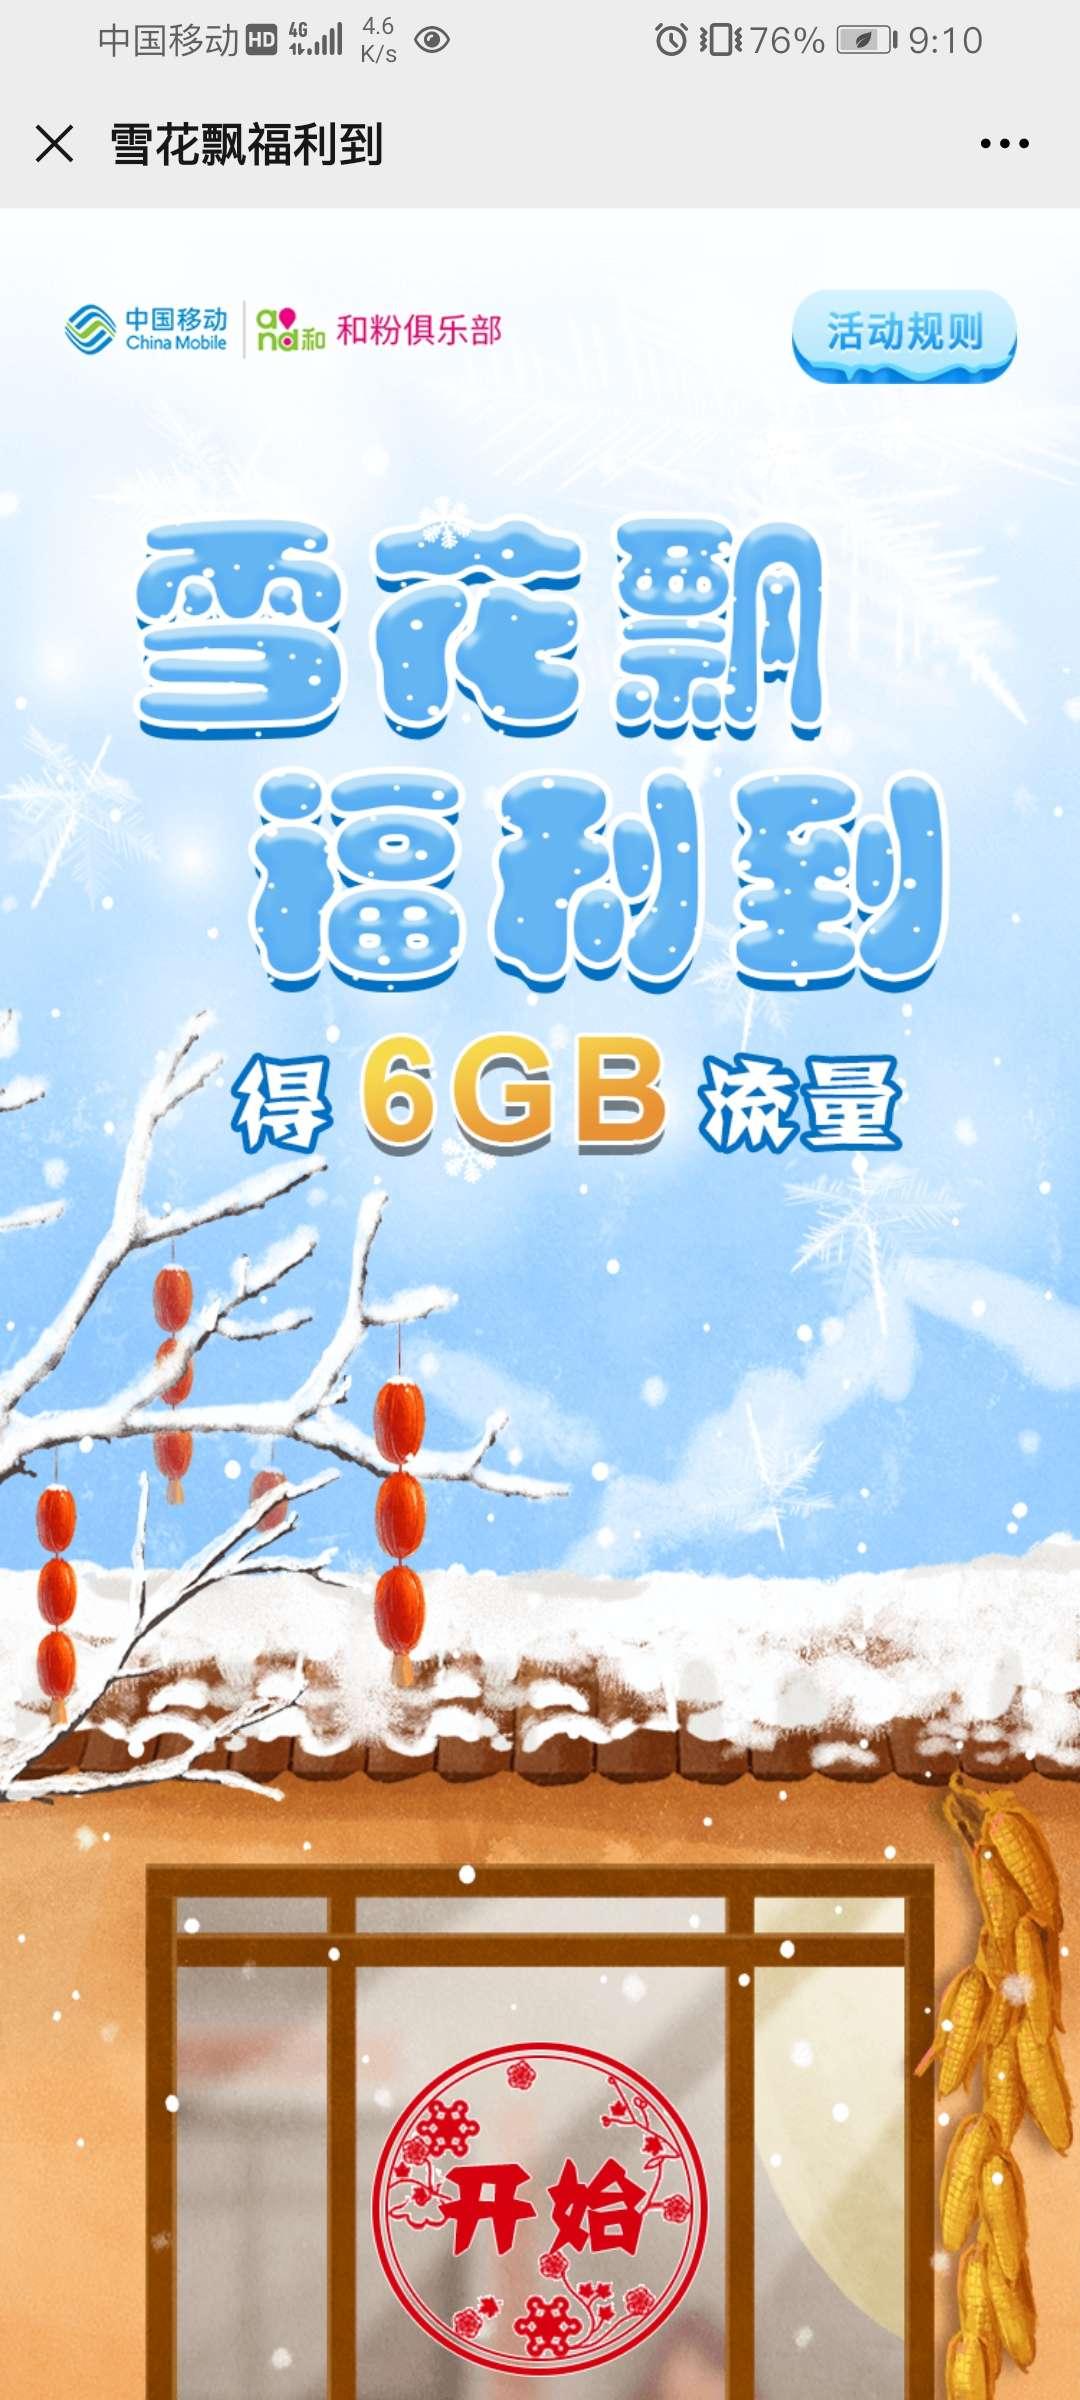 图片[1]-中国移动免费送流量 白瞟?-老友薅羊毛活动线报网